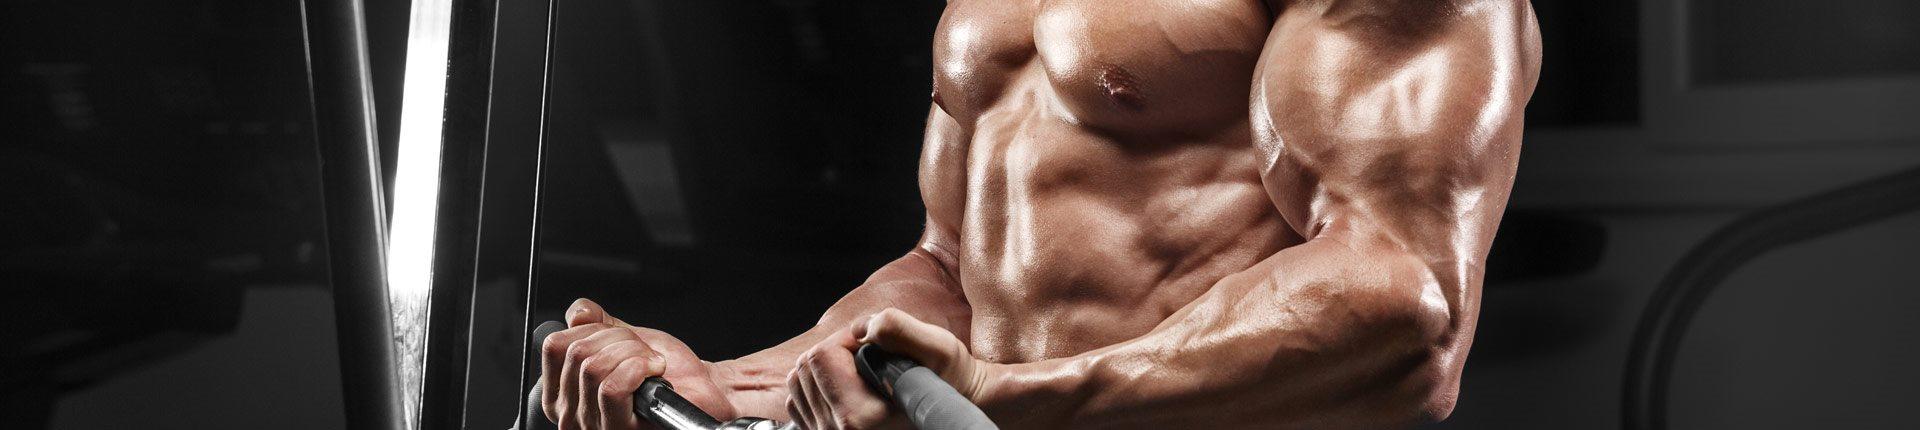 Powracające mity dotyczące treningu i diety